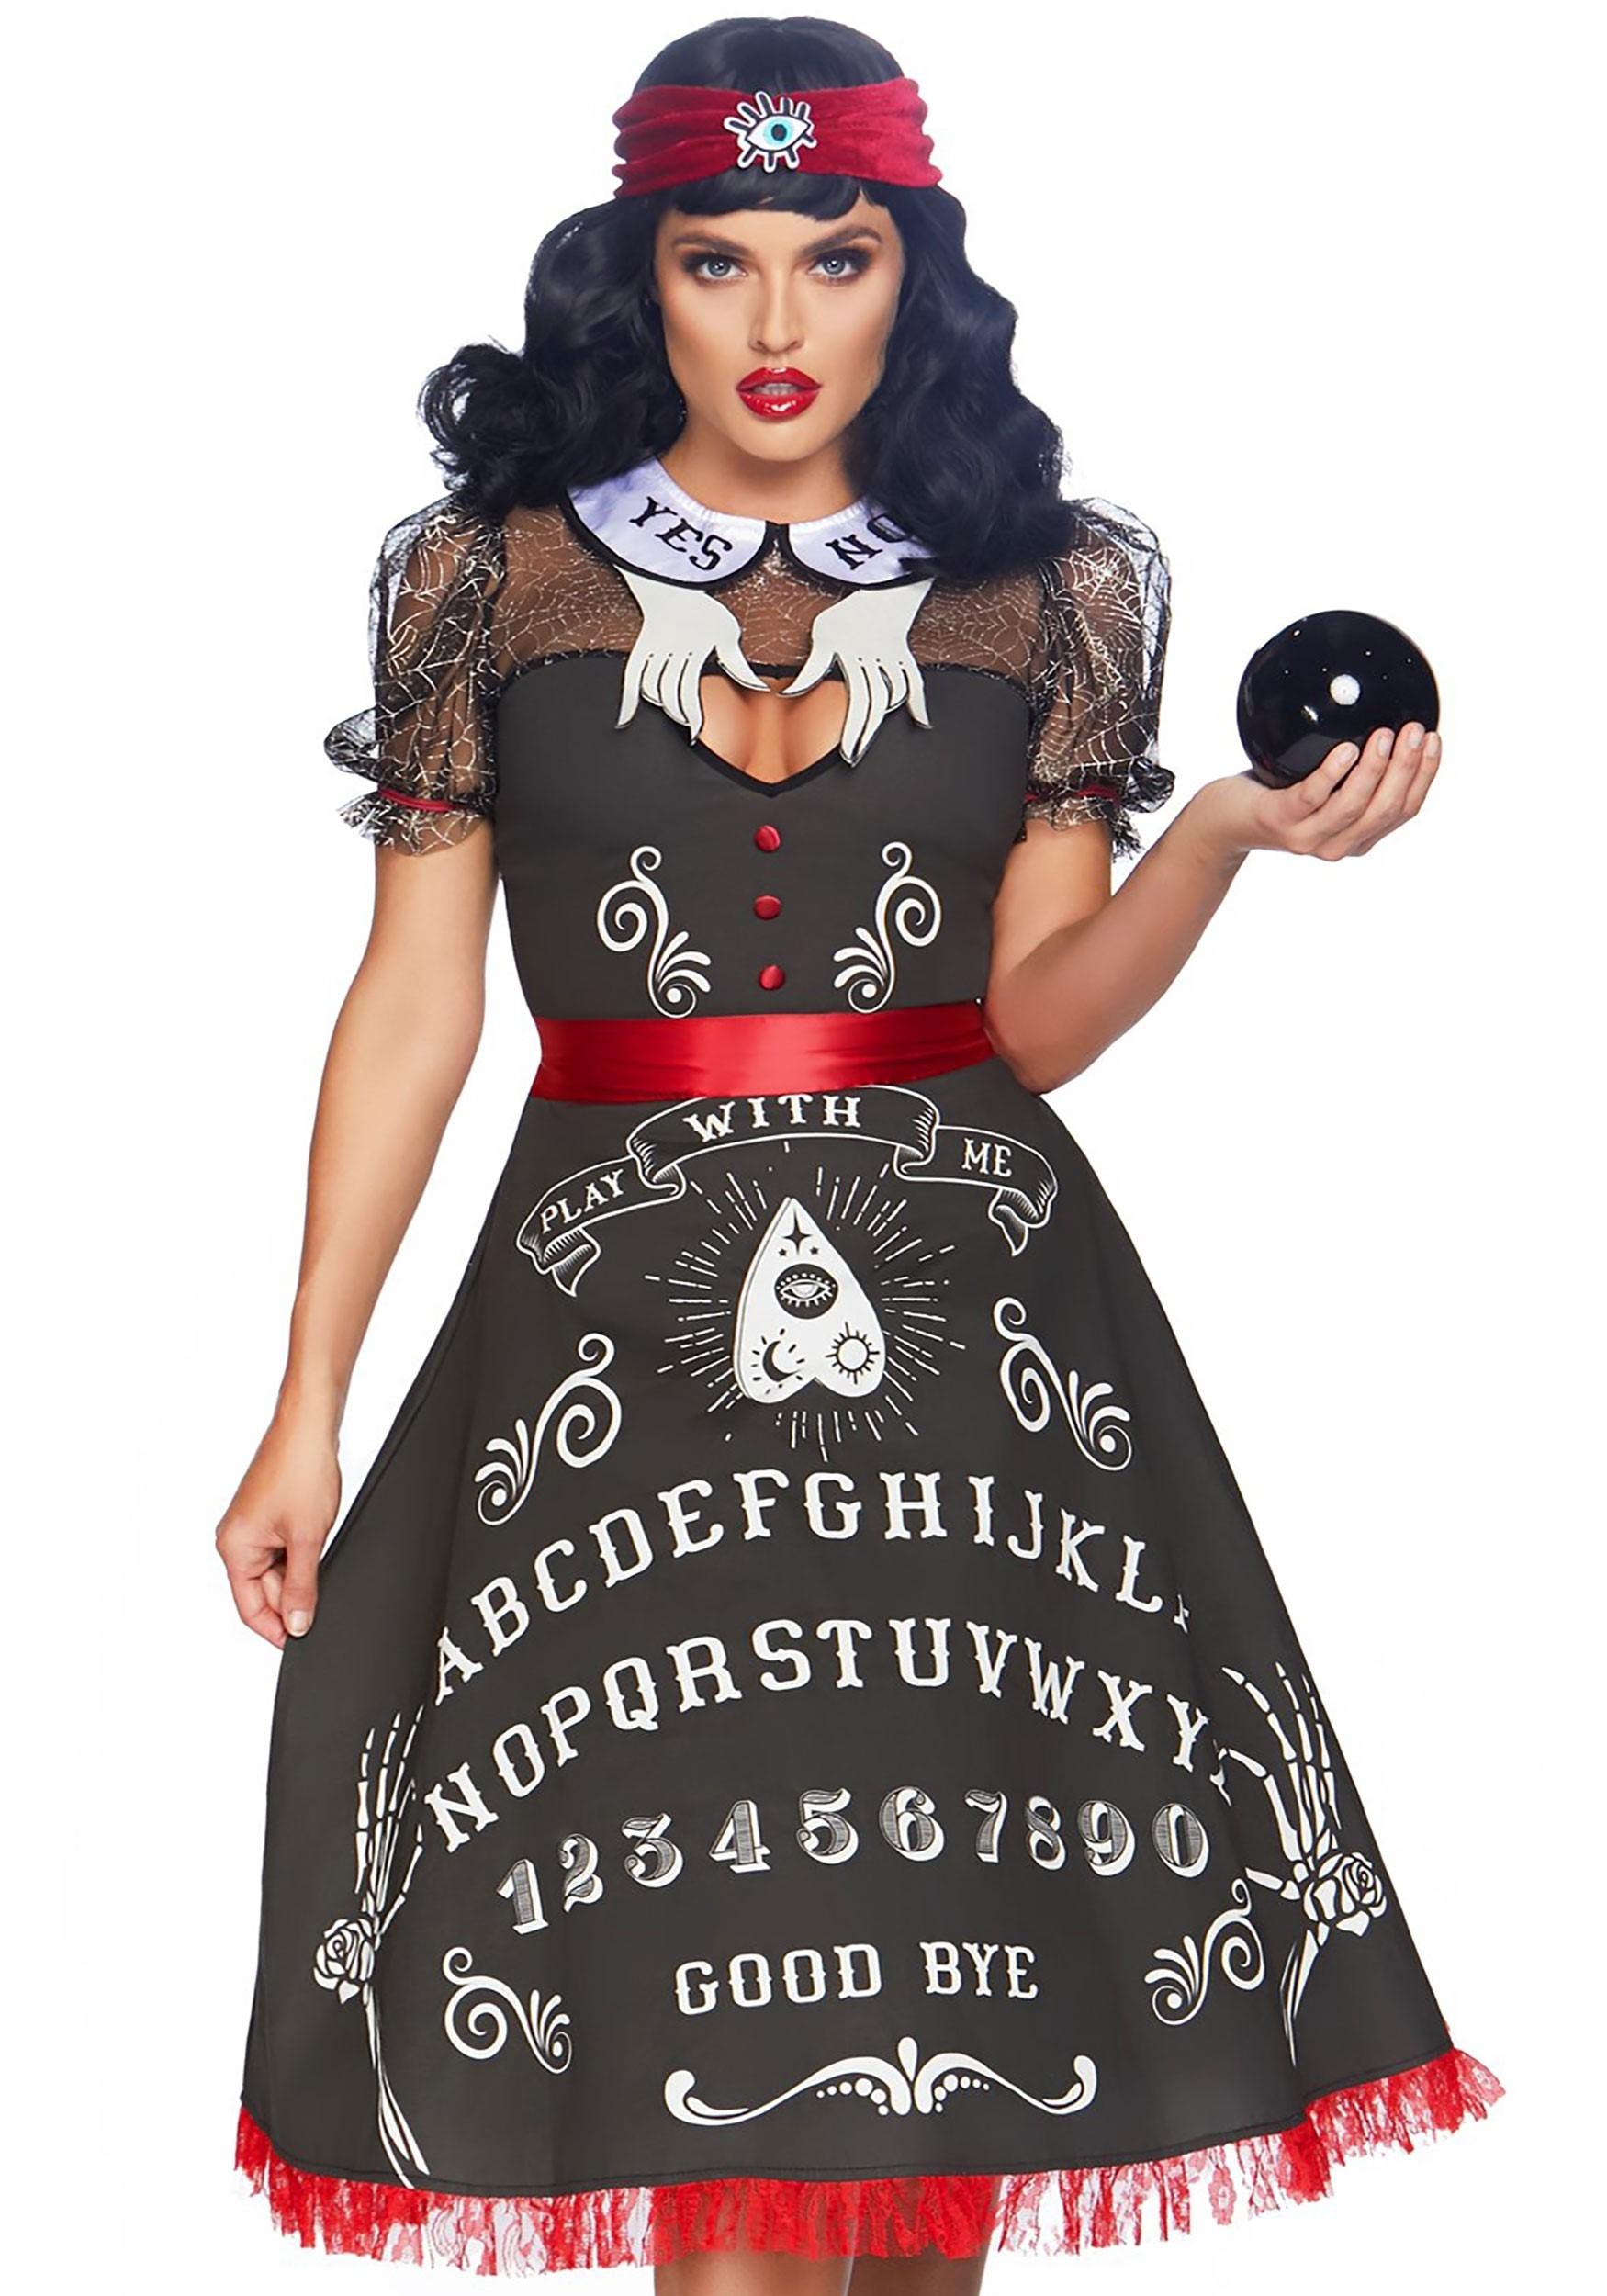 Spooky Board Beauty Costume for Women